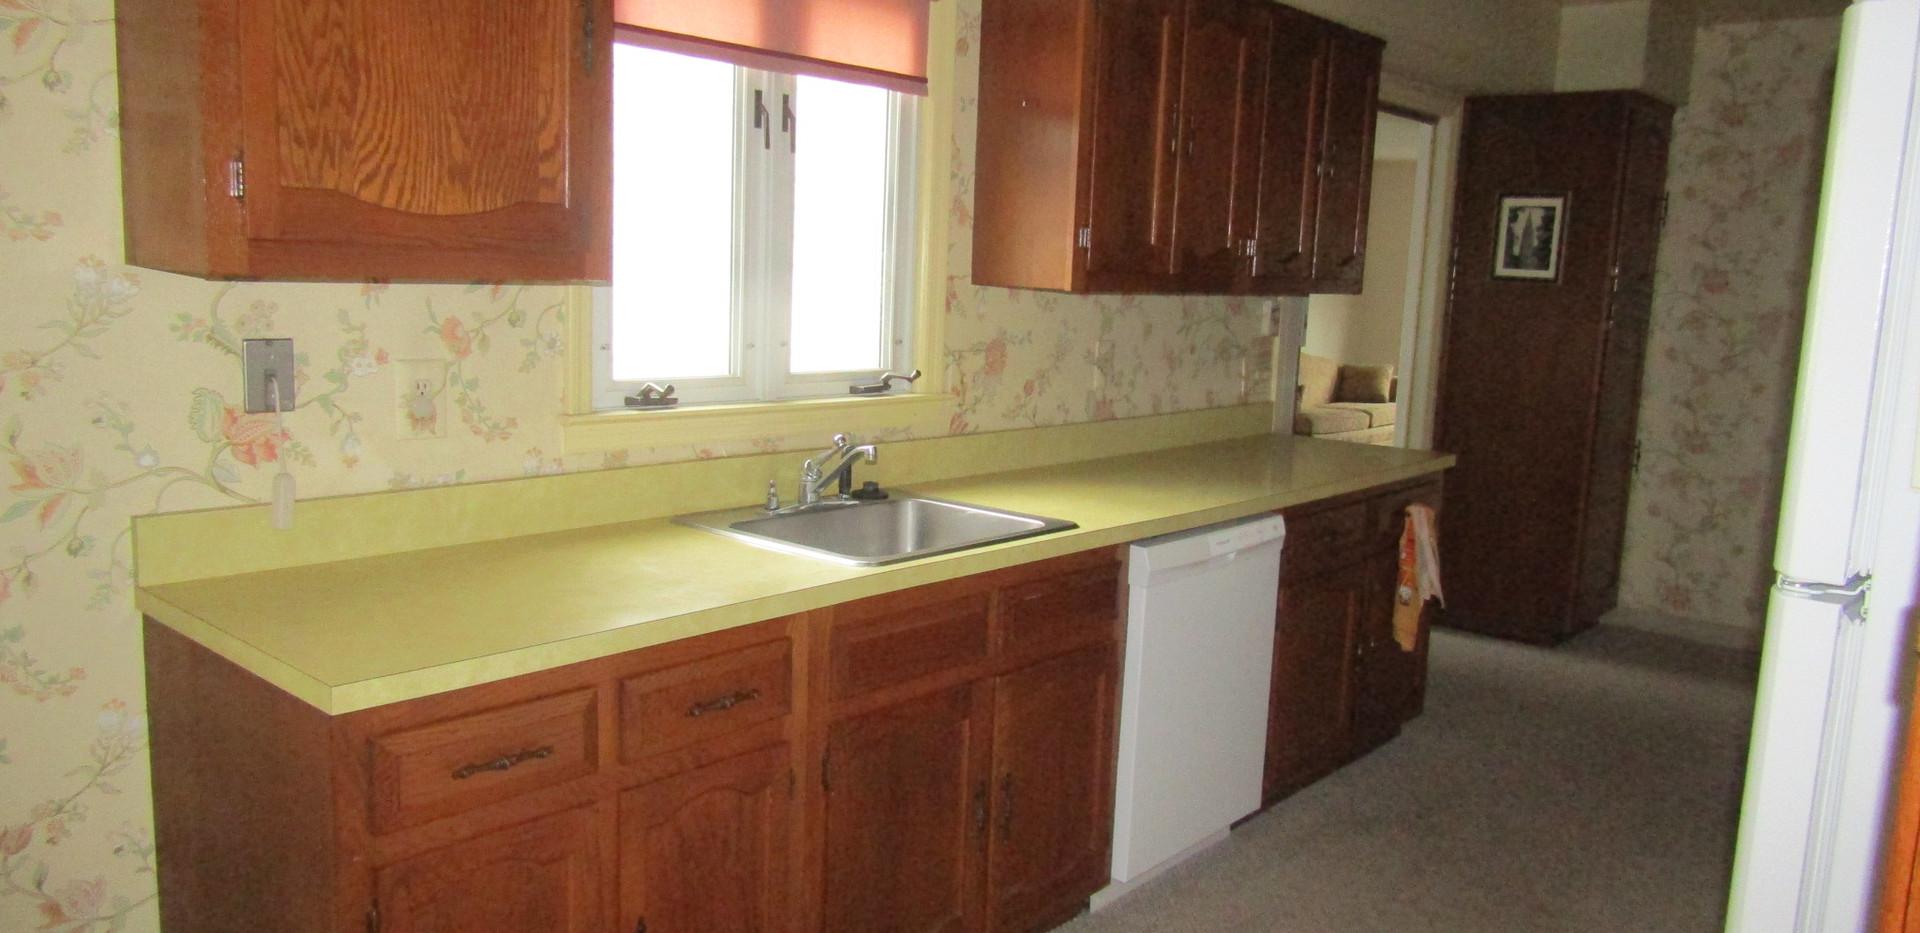 405-B kitchen 2.JPG